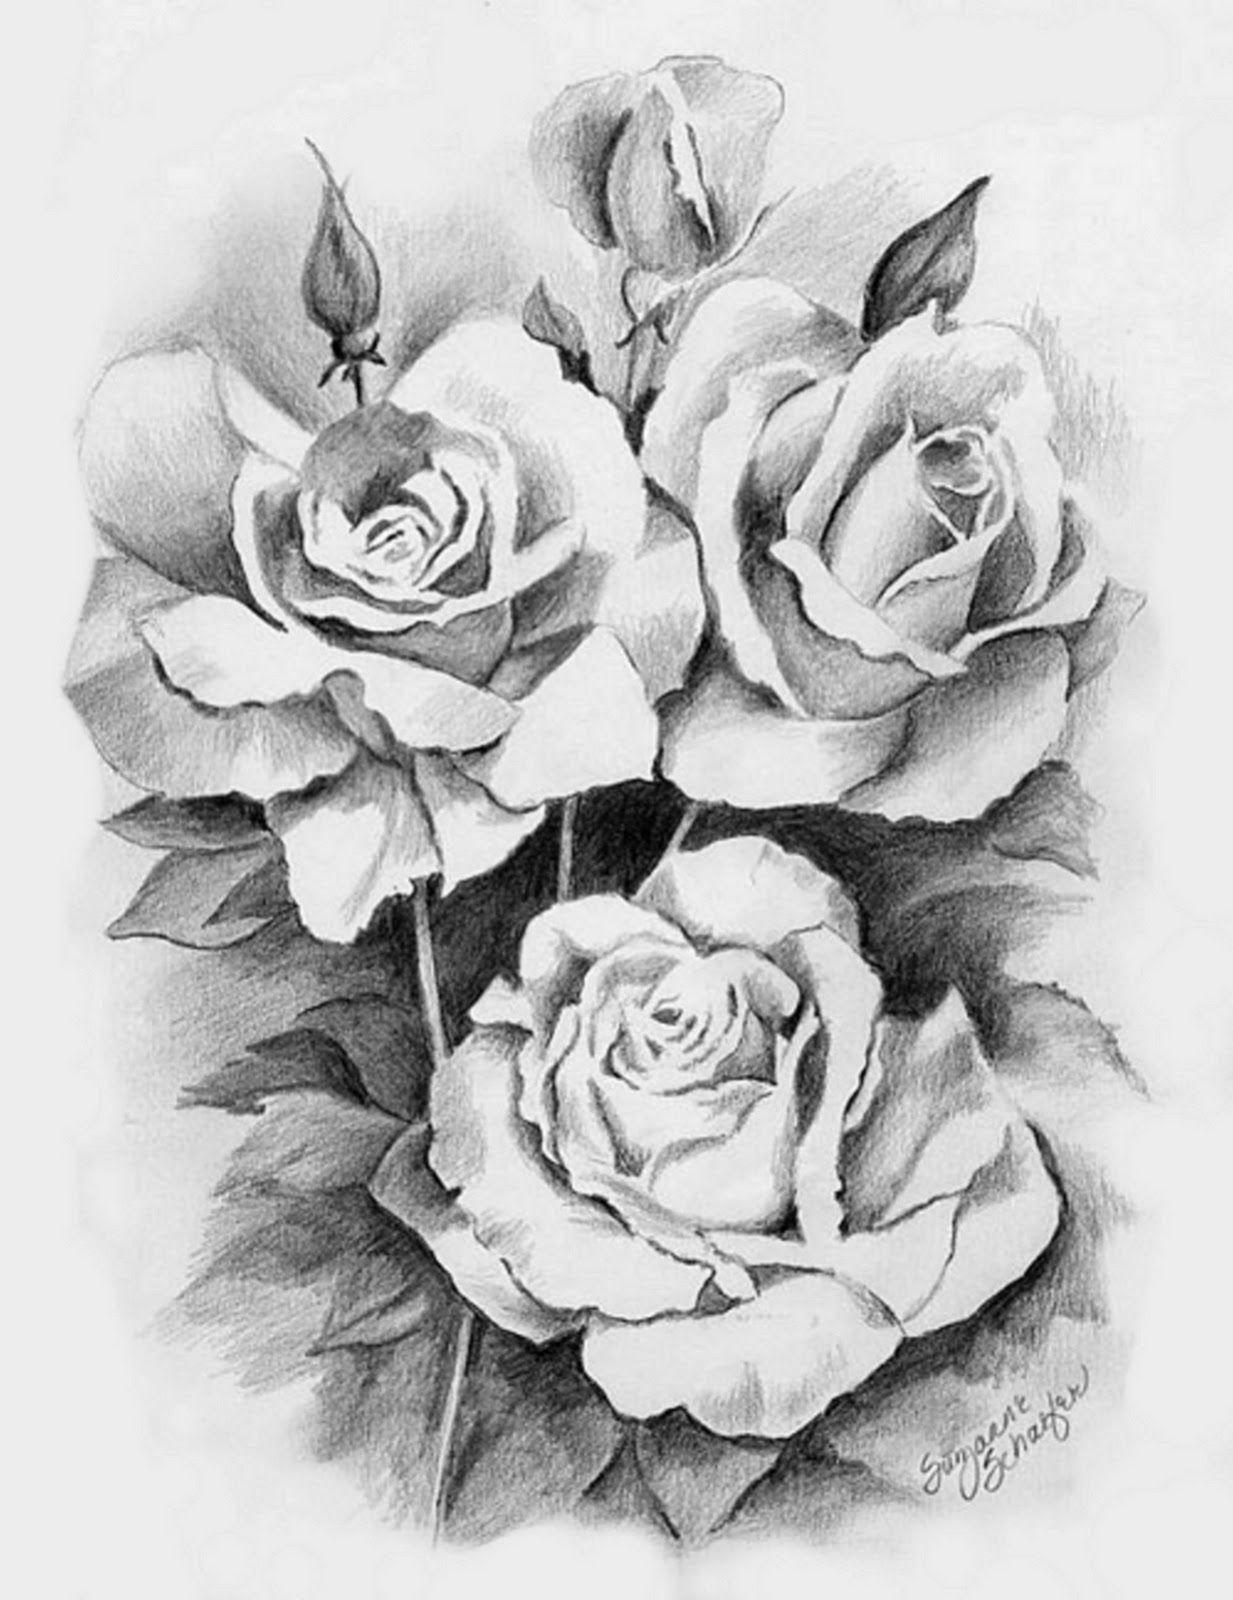 Rosen bleistiftzeichnung  Wer Rosen liebt, der liebt auch ihre Dornen | Körperkunst ...